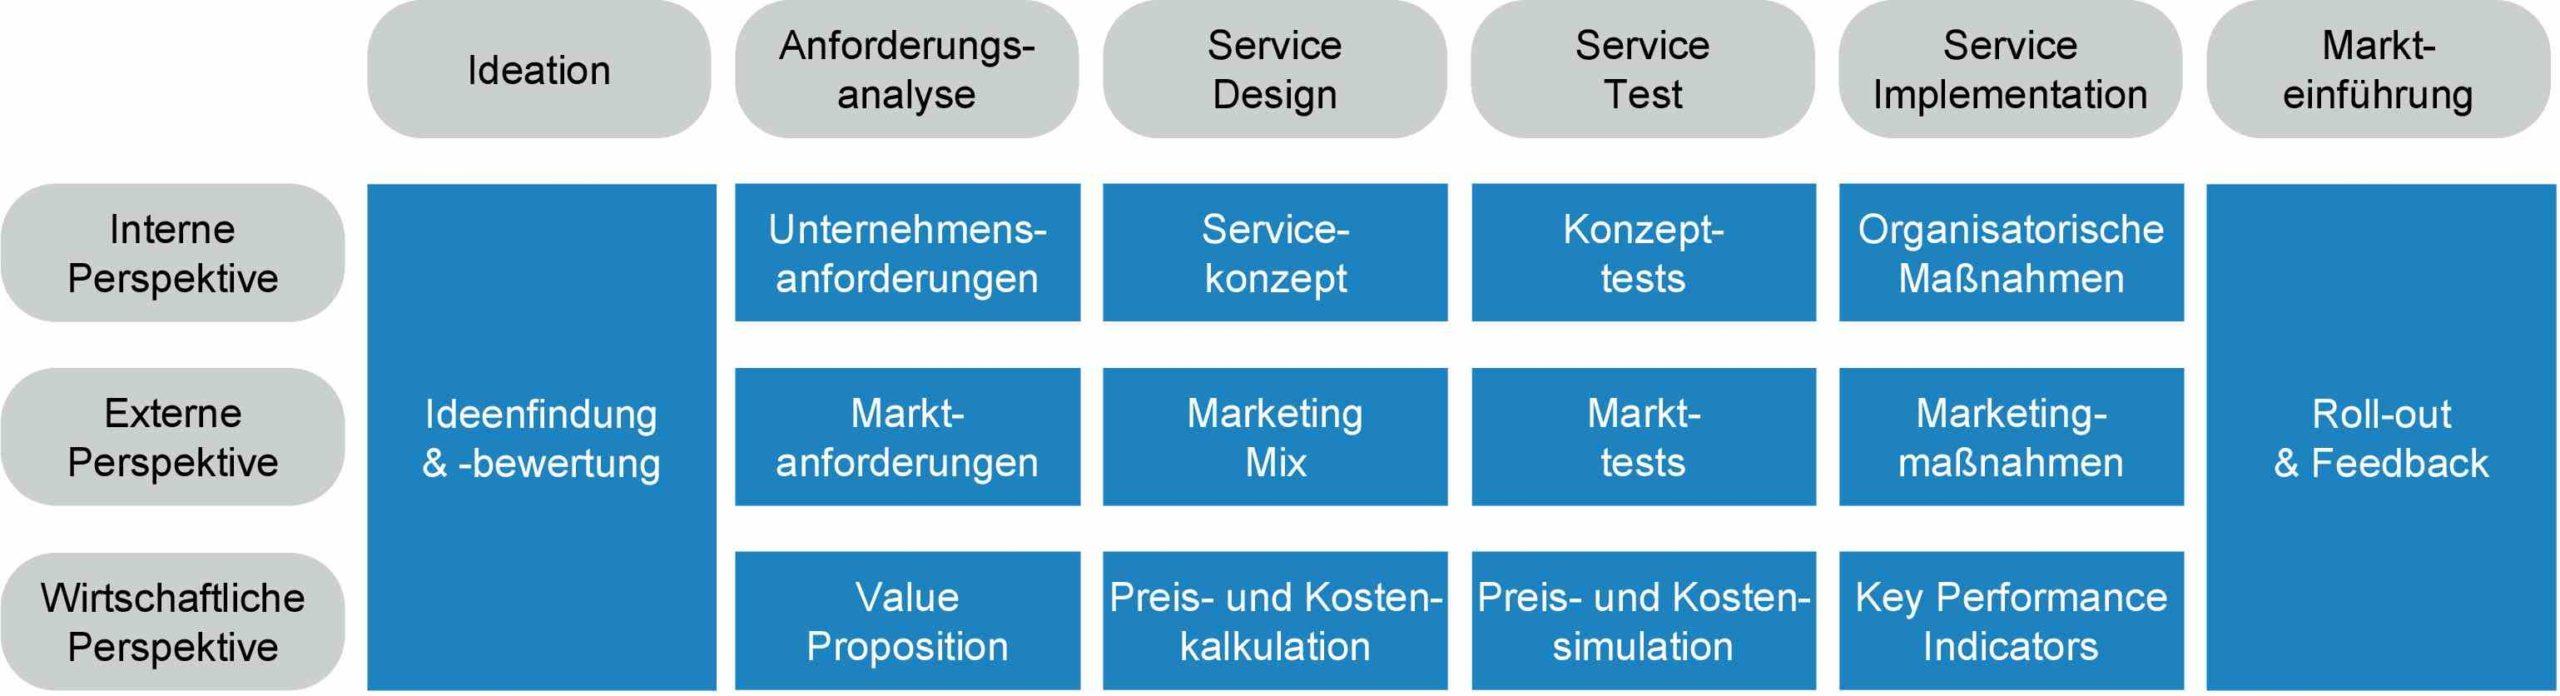 Aufgaben bei der Entwicklung von Smart Services. Bild: Fraunhofer IAO